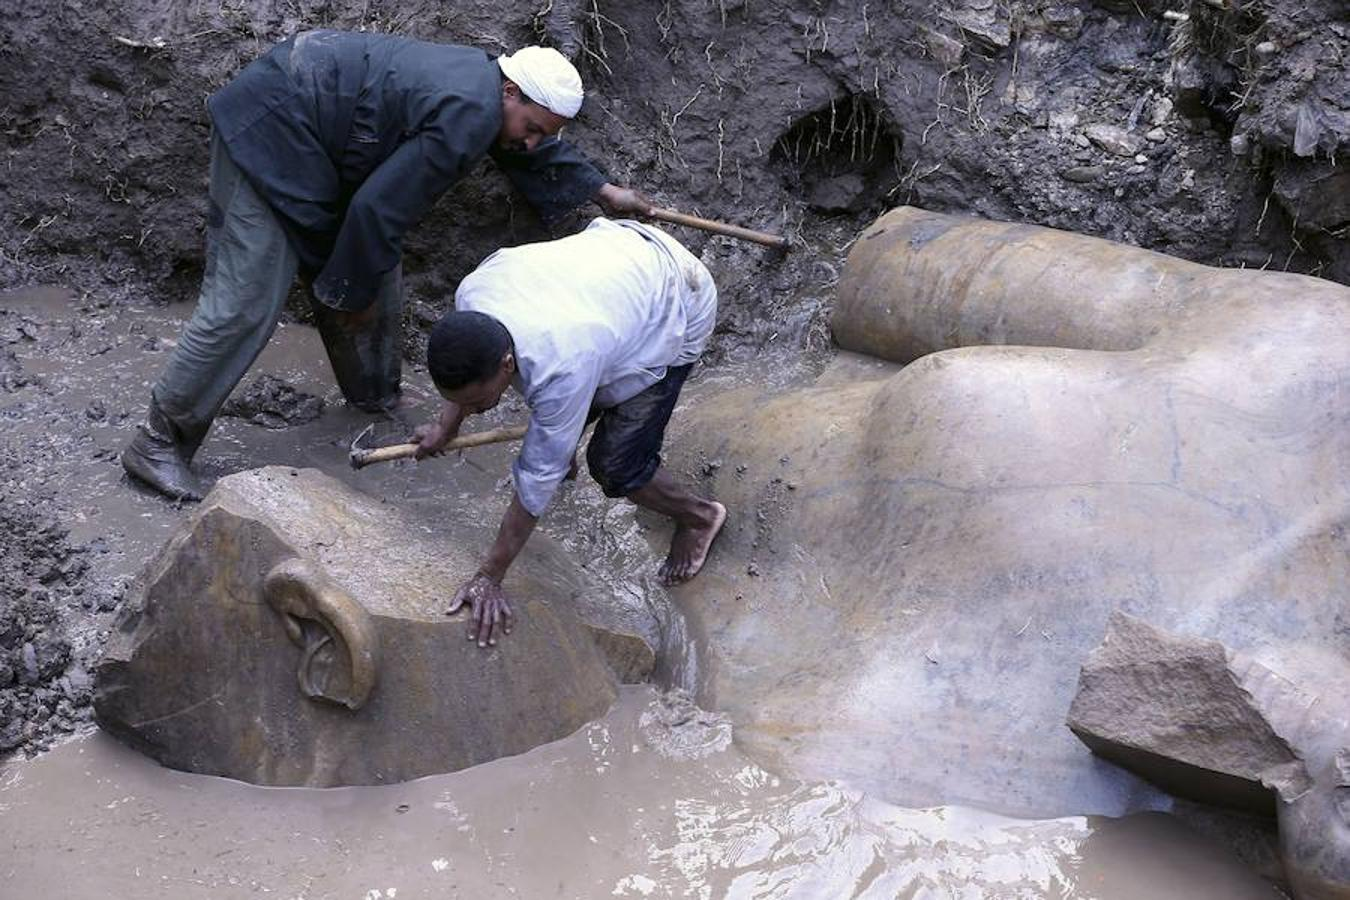 Entre el fango y la basura que no se deja esconder junto a los edificios sin terminar en las calles de Suq al Jamis, en el este de El Cairo, una misión de egiptólogos egipcios y alemanes descubrió este mes lo que el Ministerio de Antigüedades egipcio calificó como «uno de los descubrimientos más importantes de la historia»